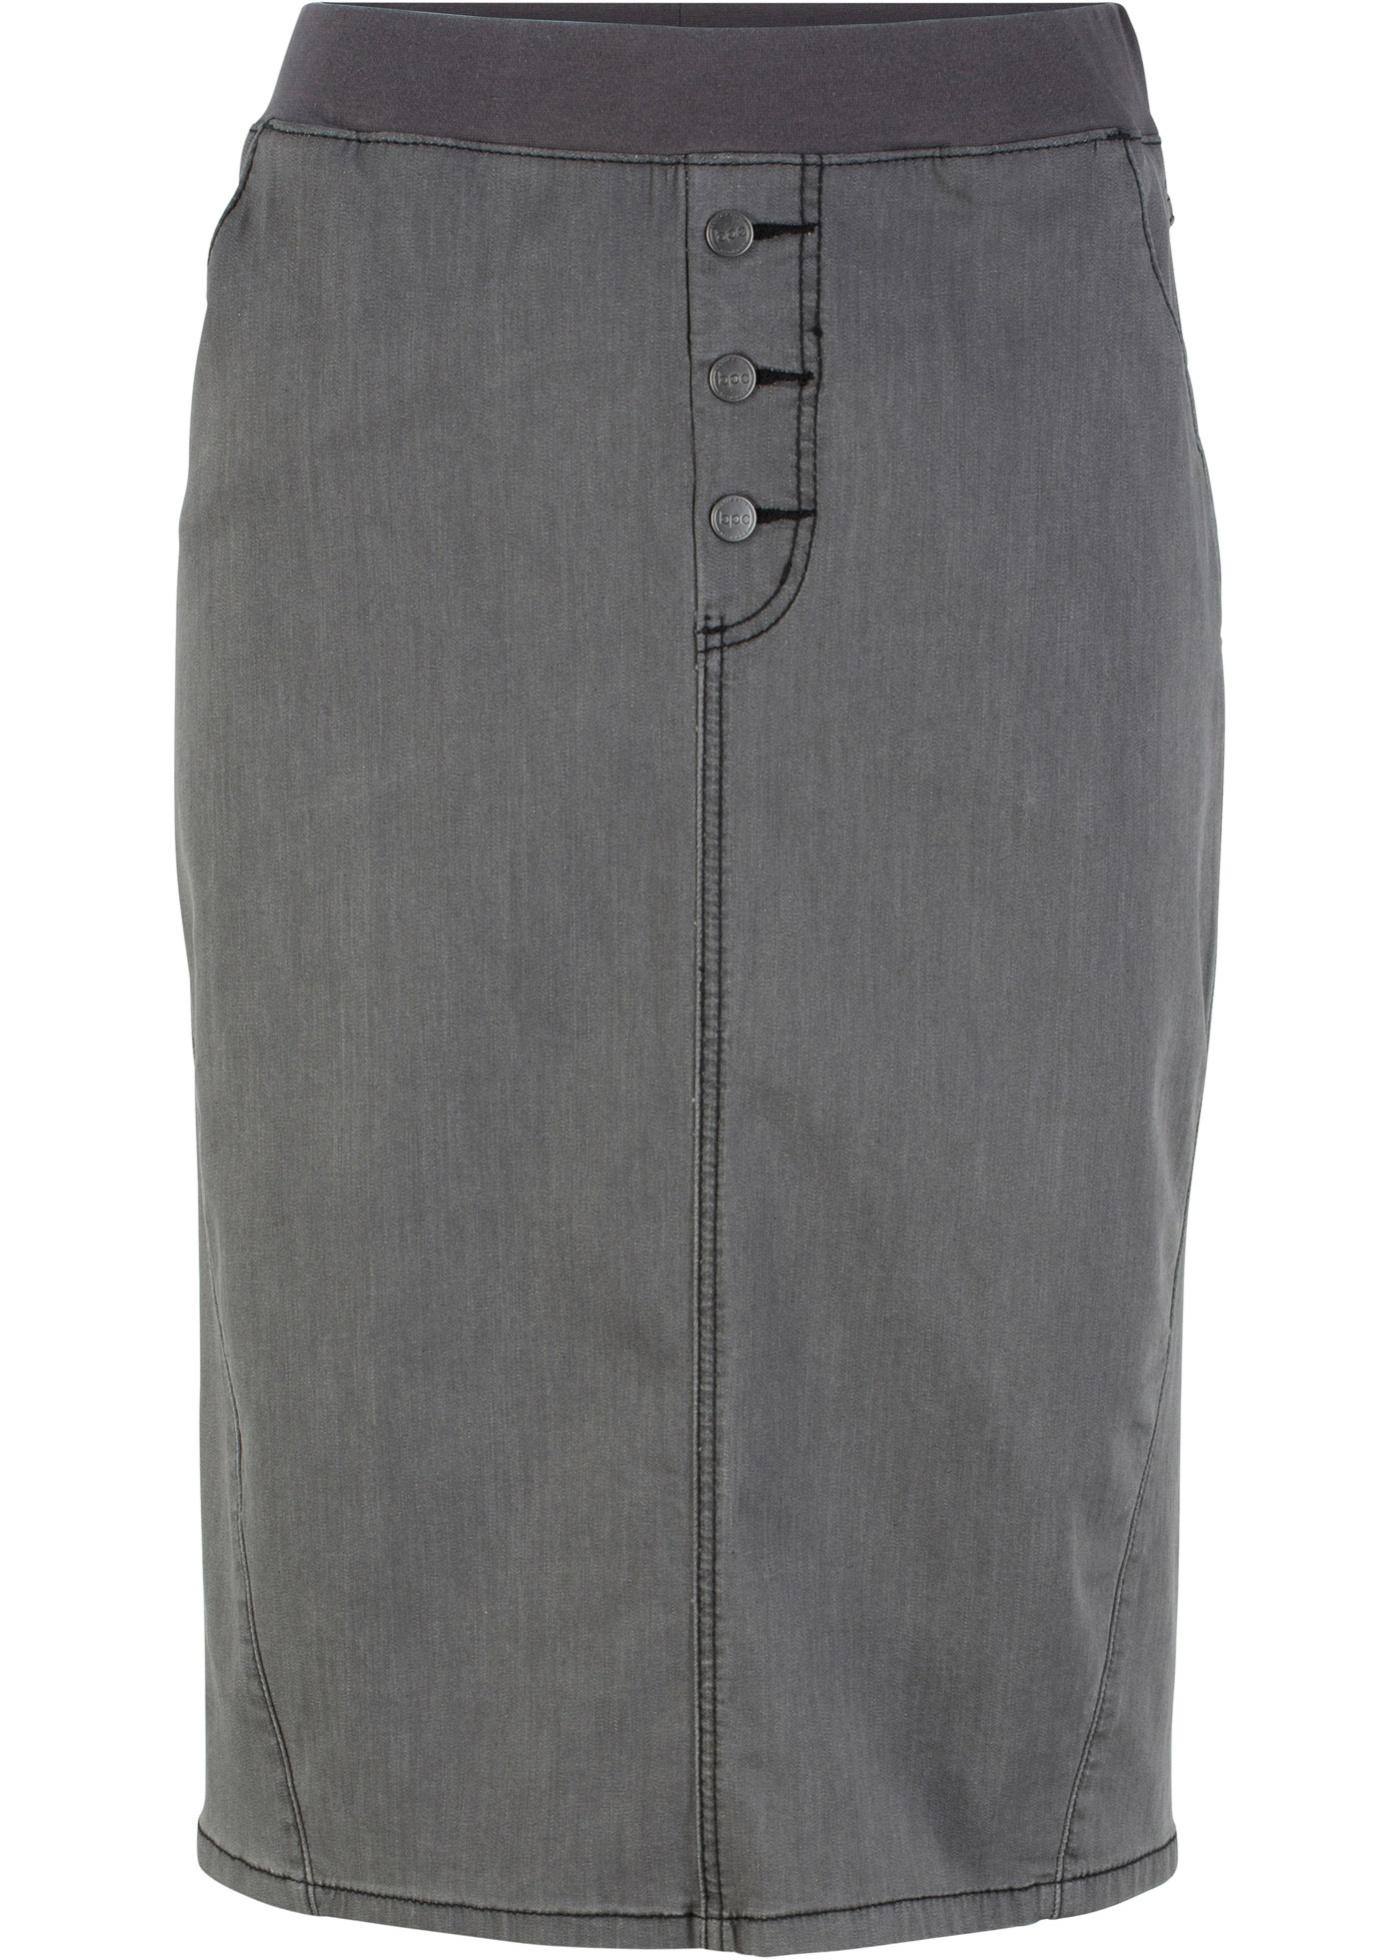 Gonna di jeans con cinta a costine (Grigio) - bpc bonprix collection